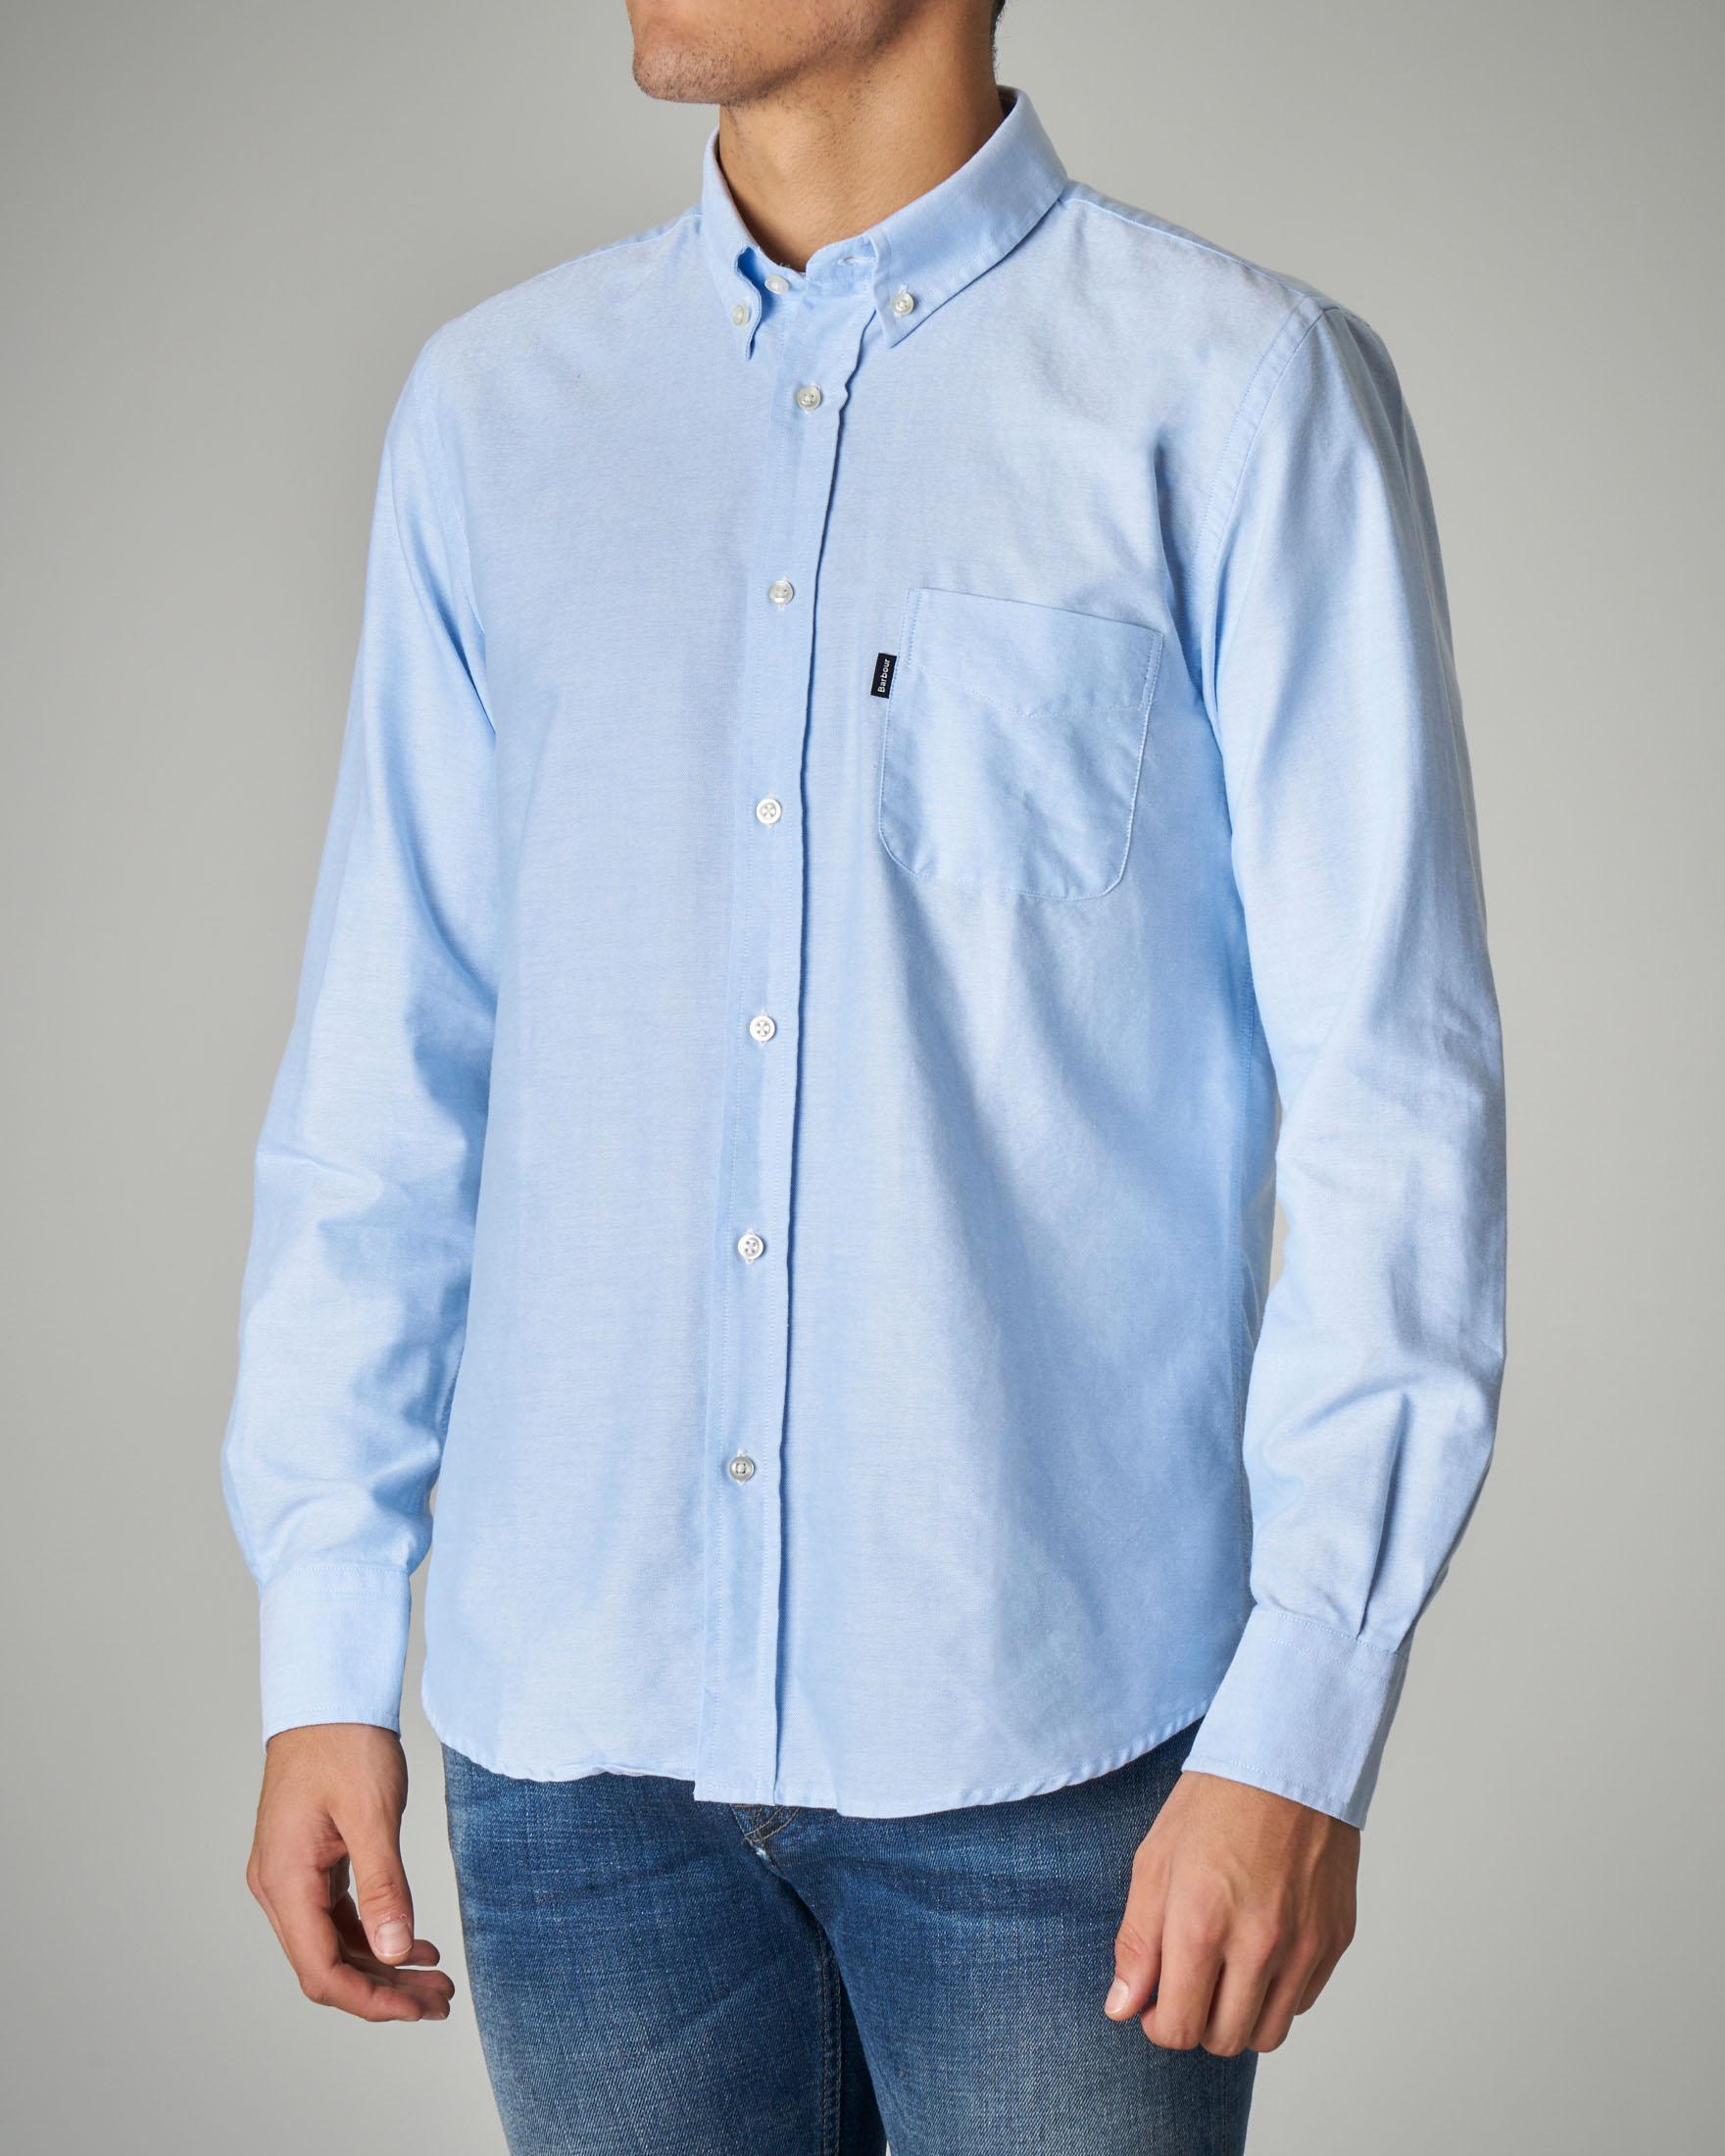 Camicia azzurra button down